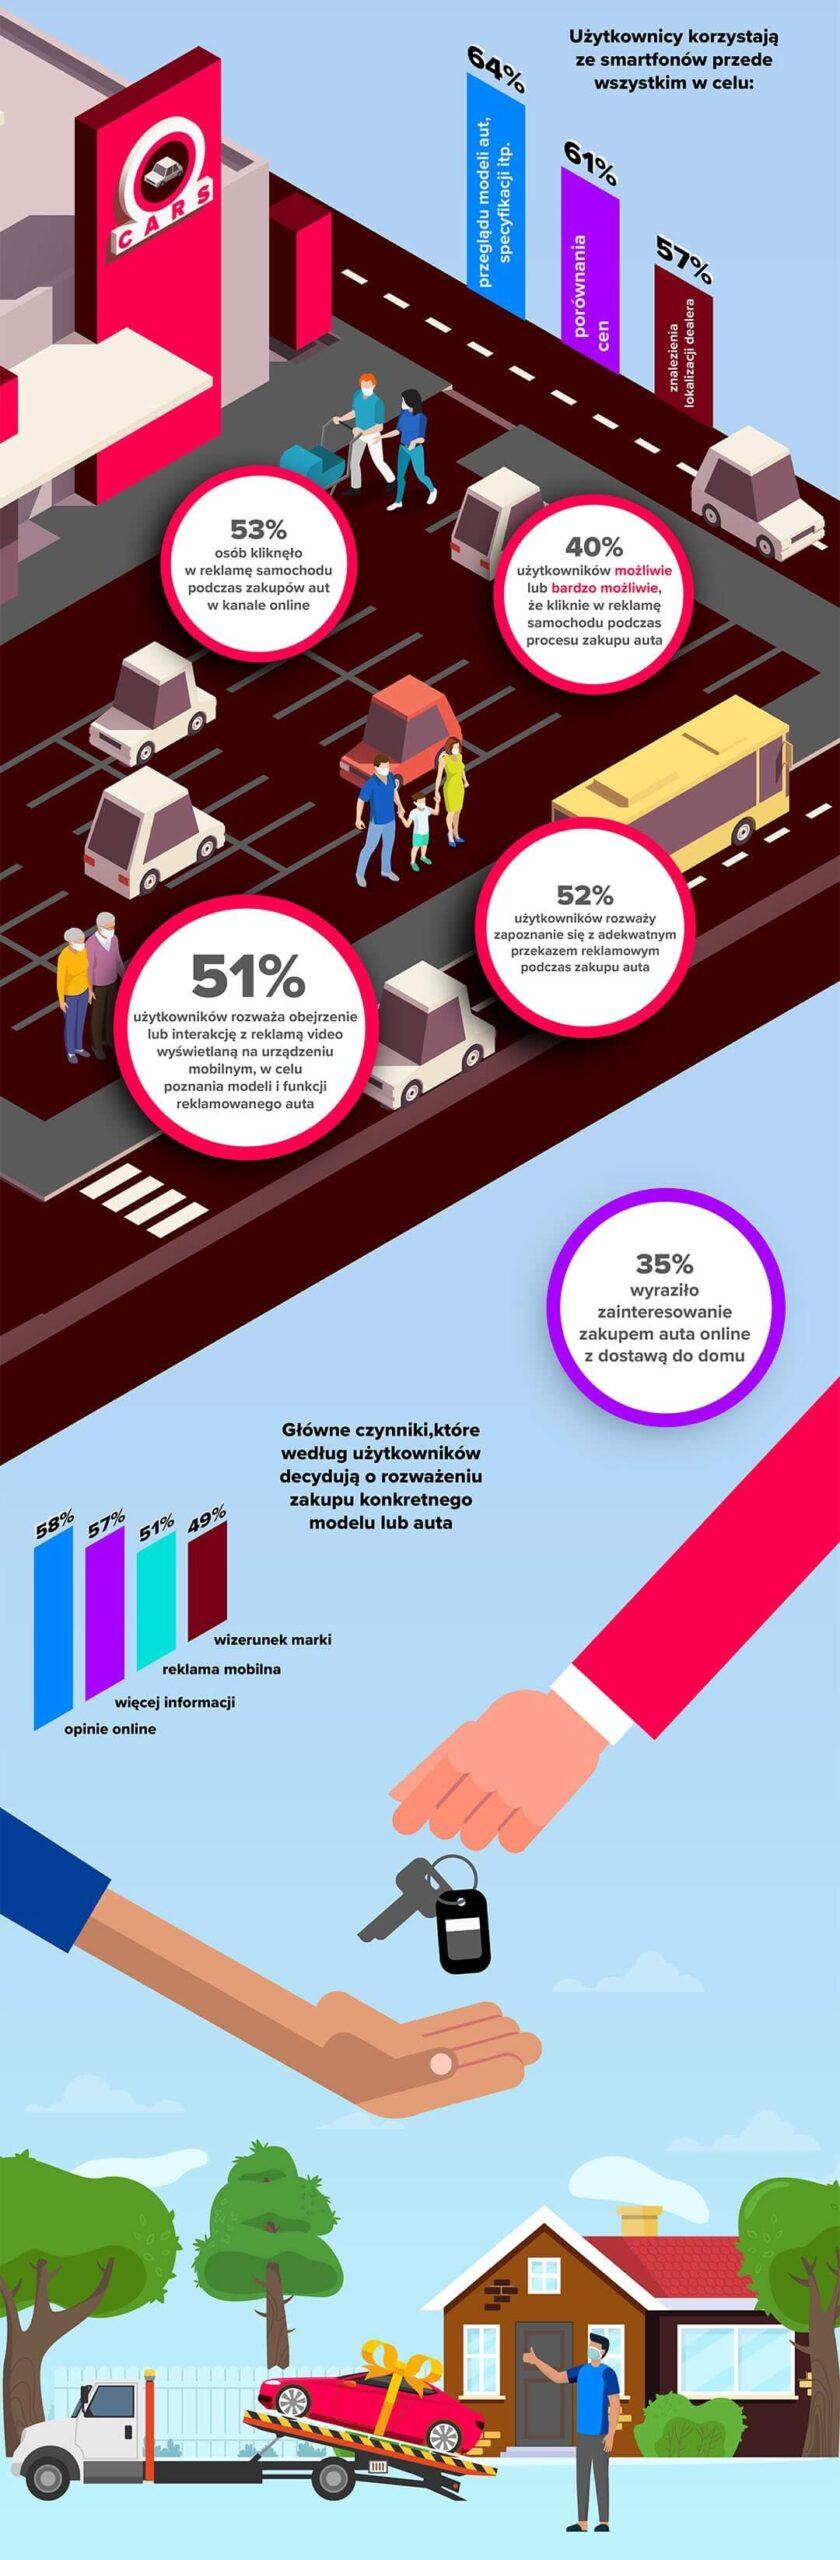 Infografika: Zakup samochodu przez smartfona (2021) cz. 2